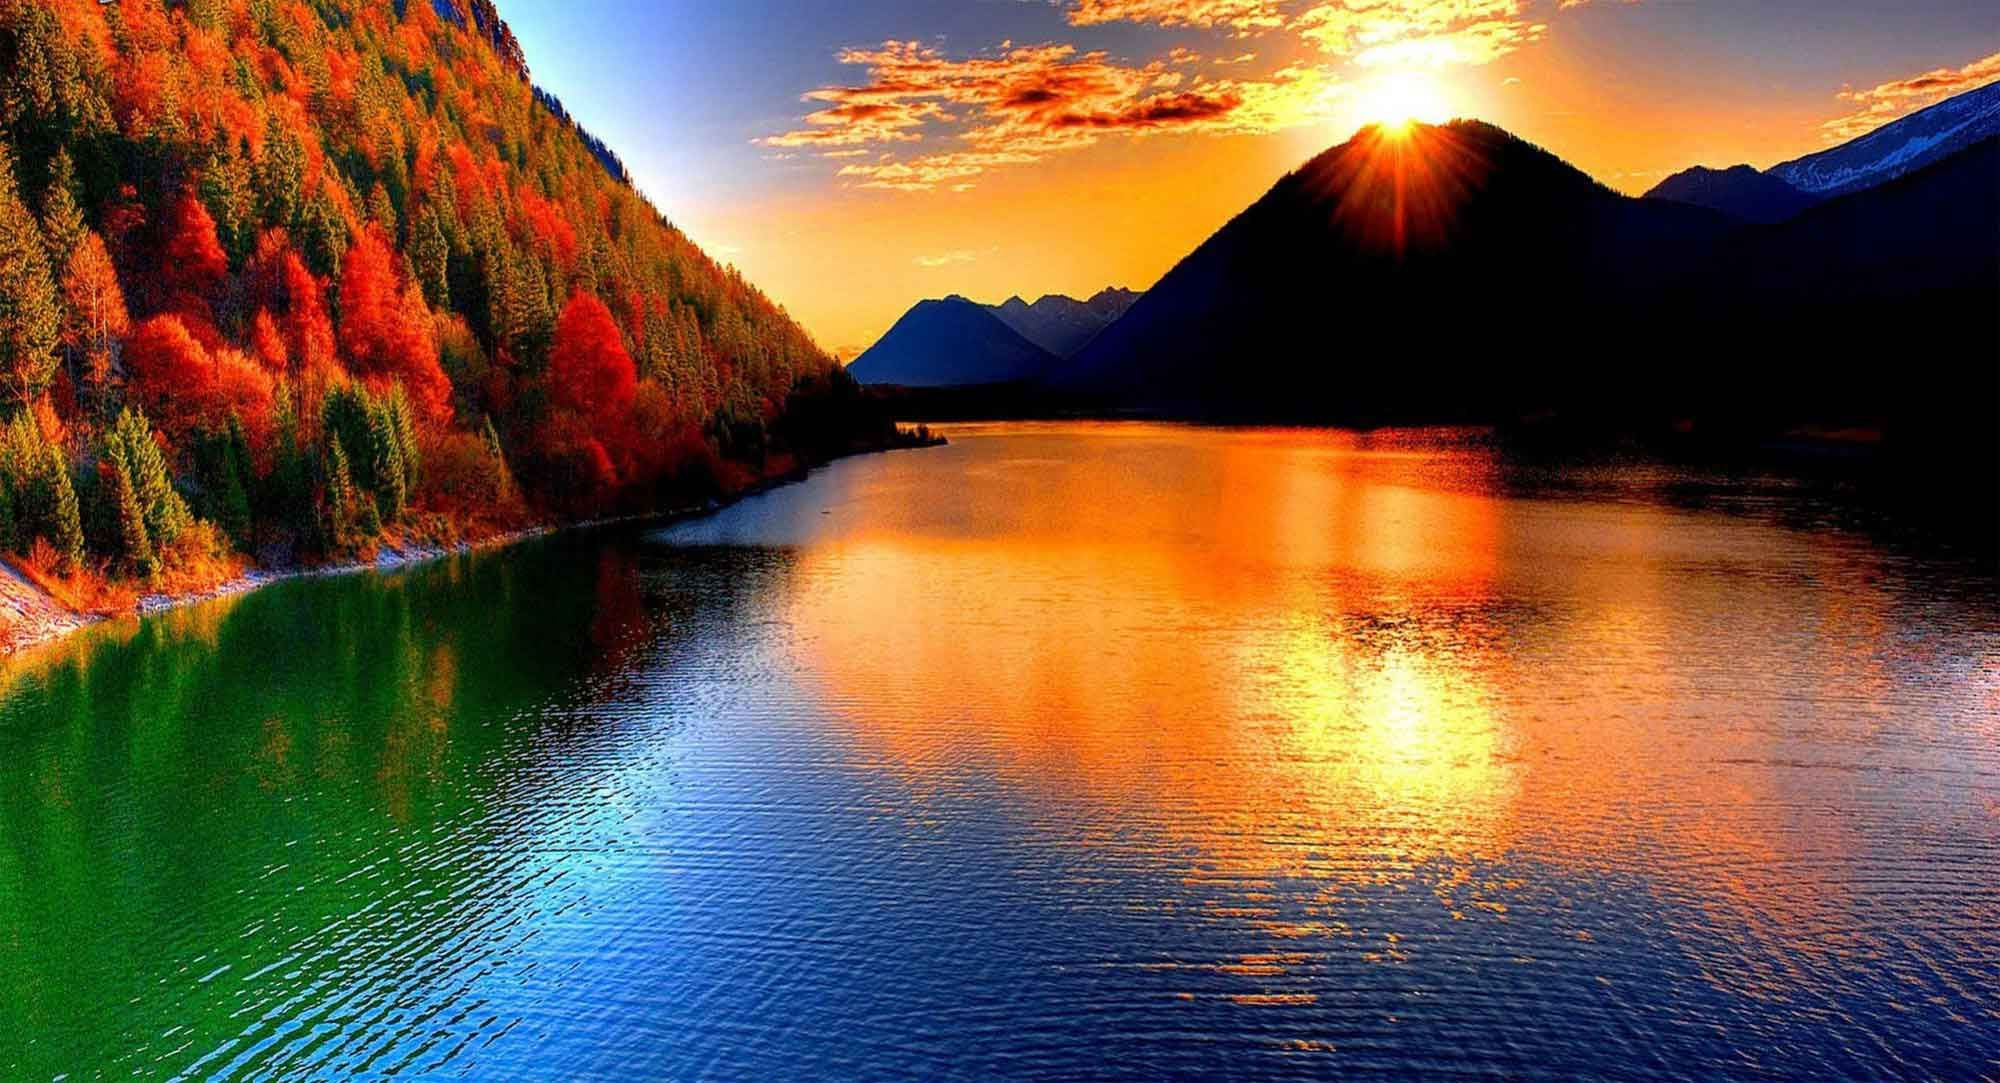 beautiful mountain sunset clouds sunrise sunset nature